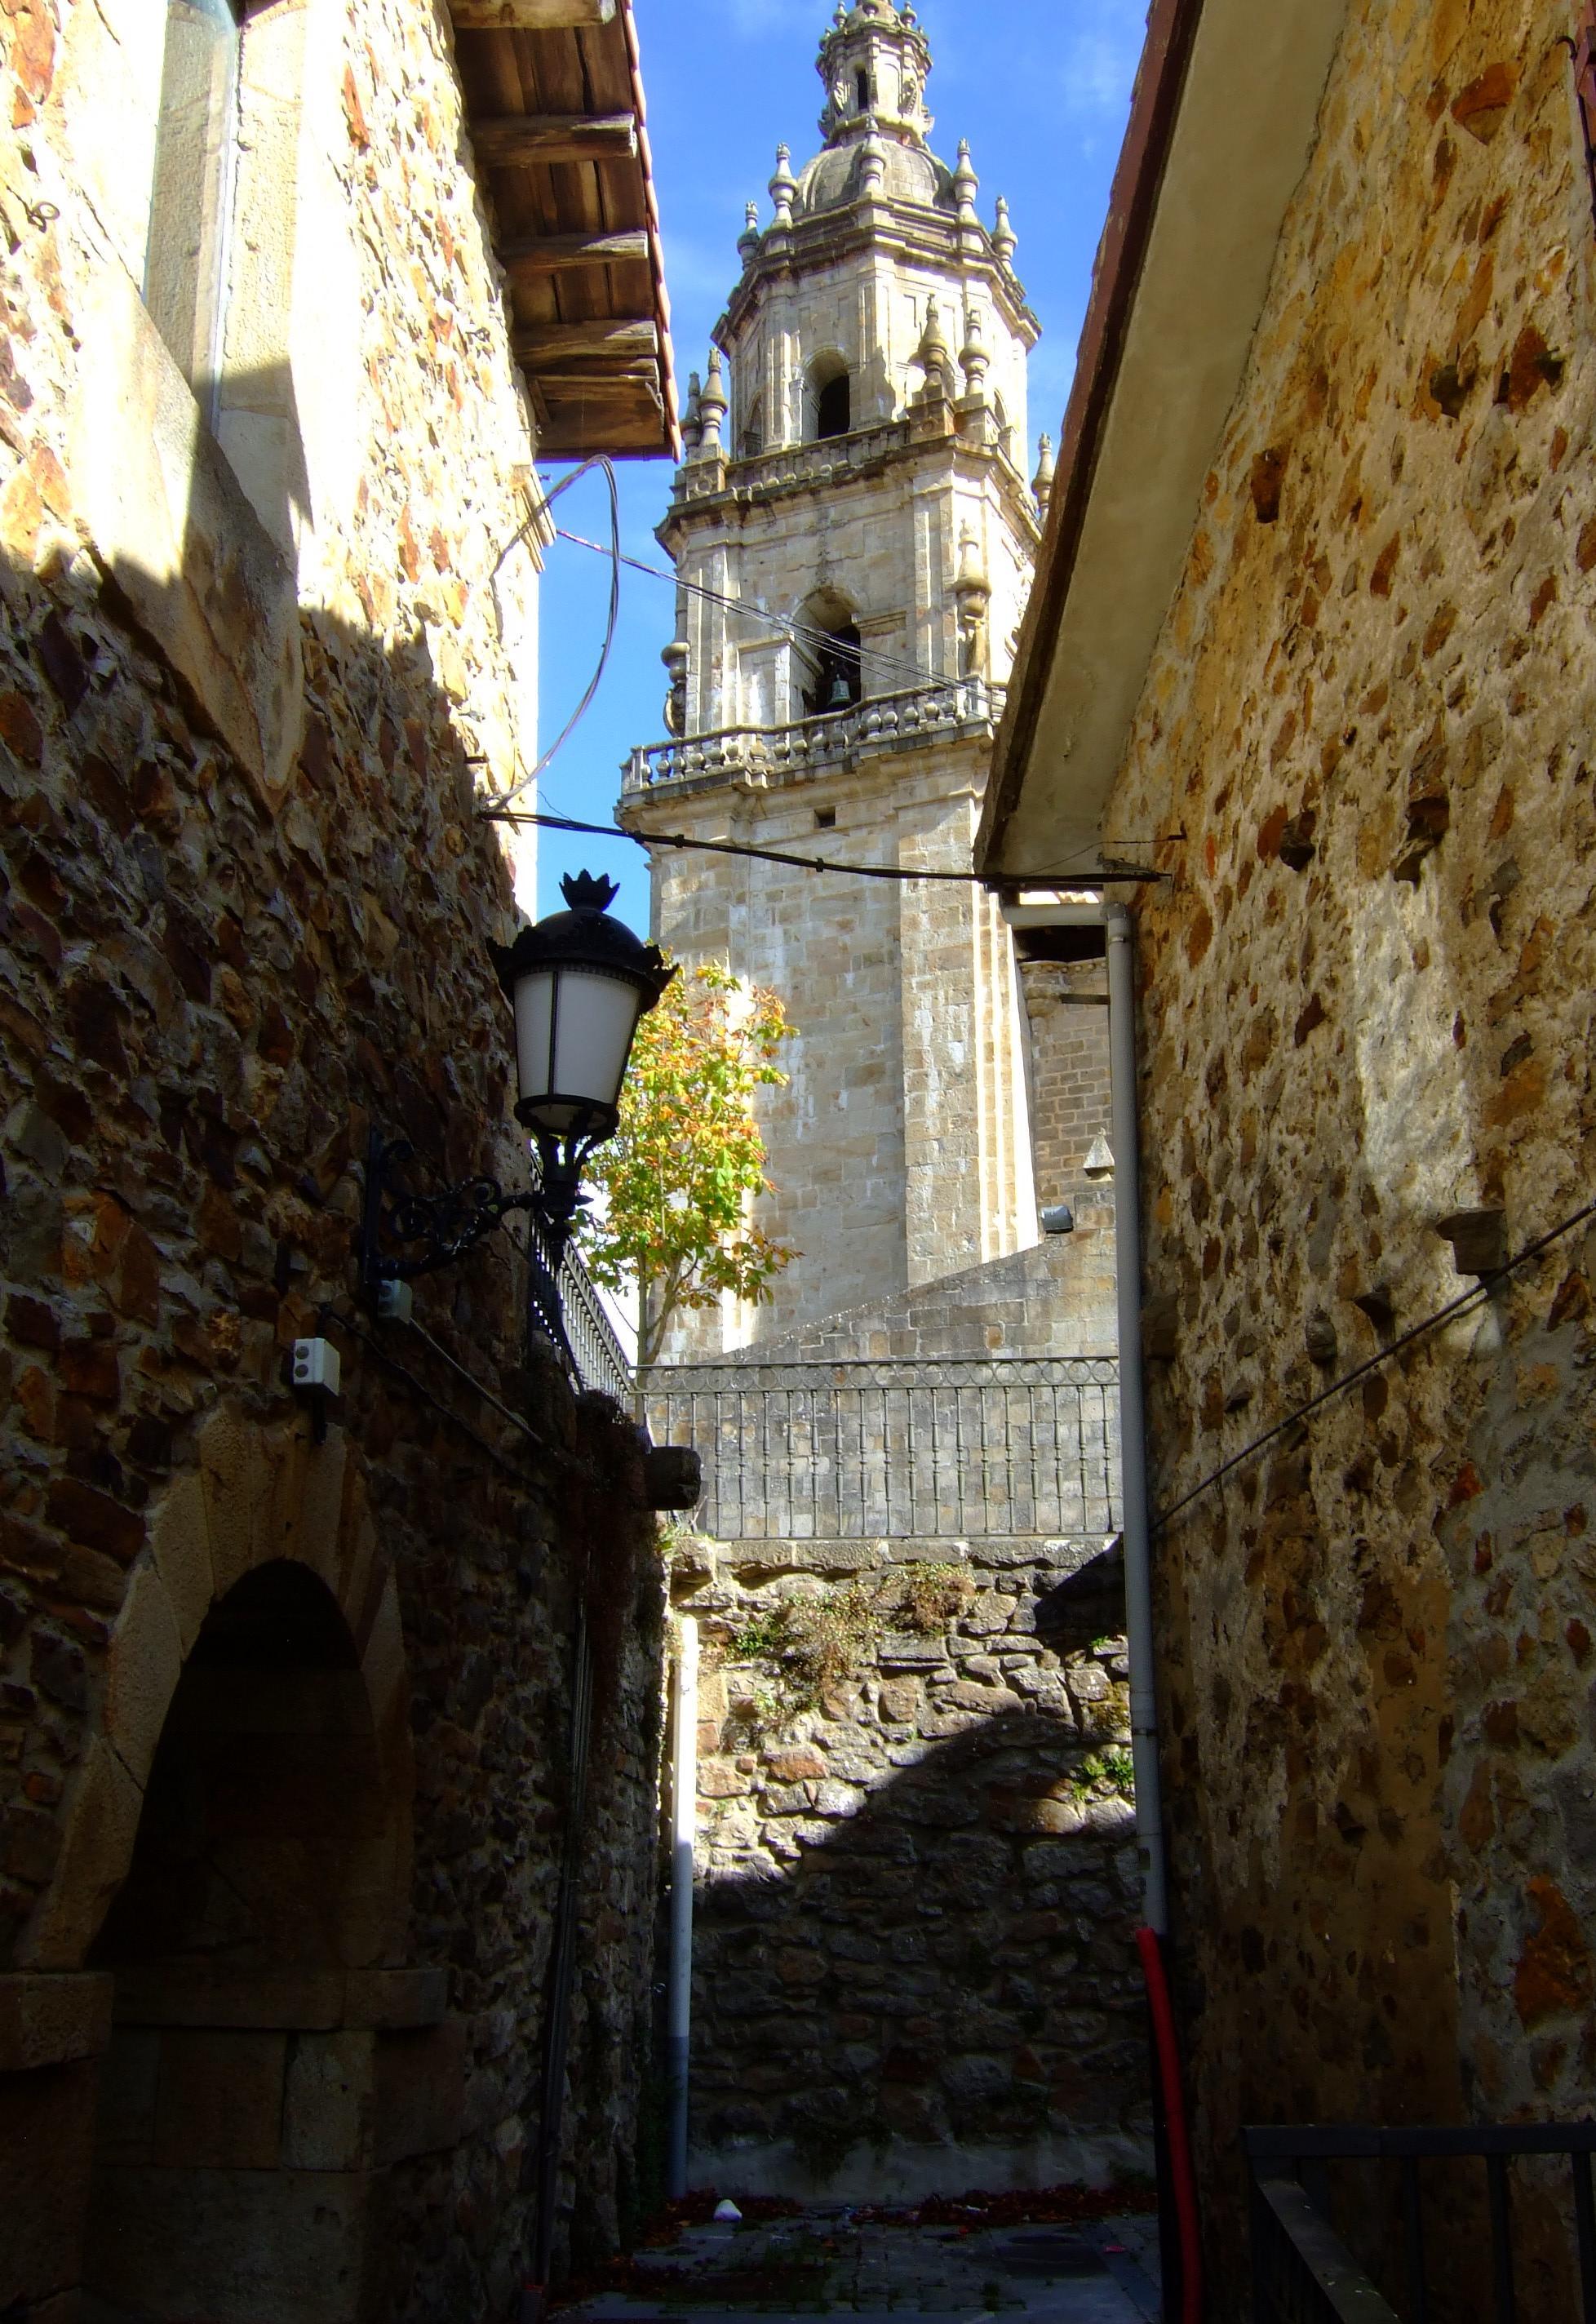 El campanario de Santa Marina visto desde un callejón